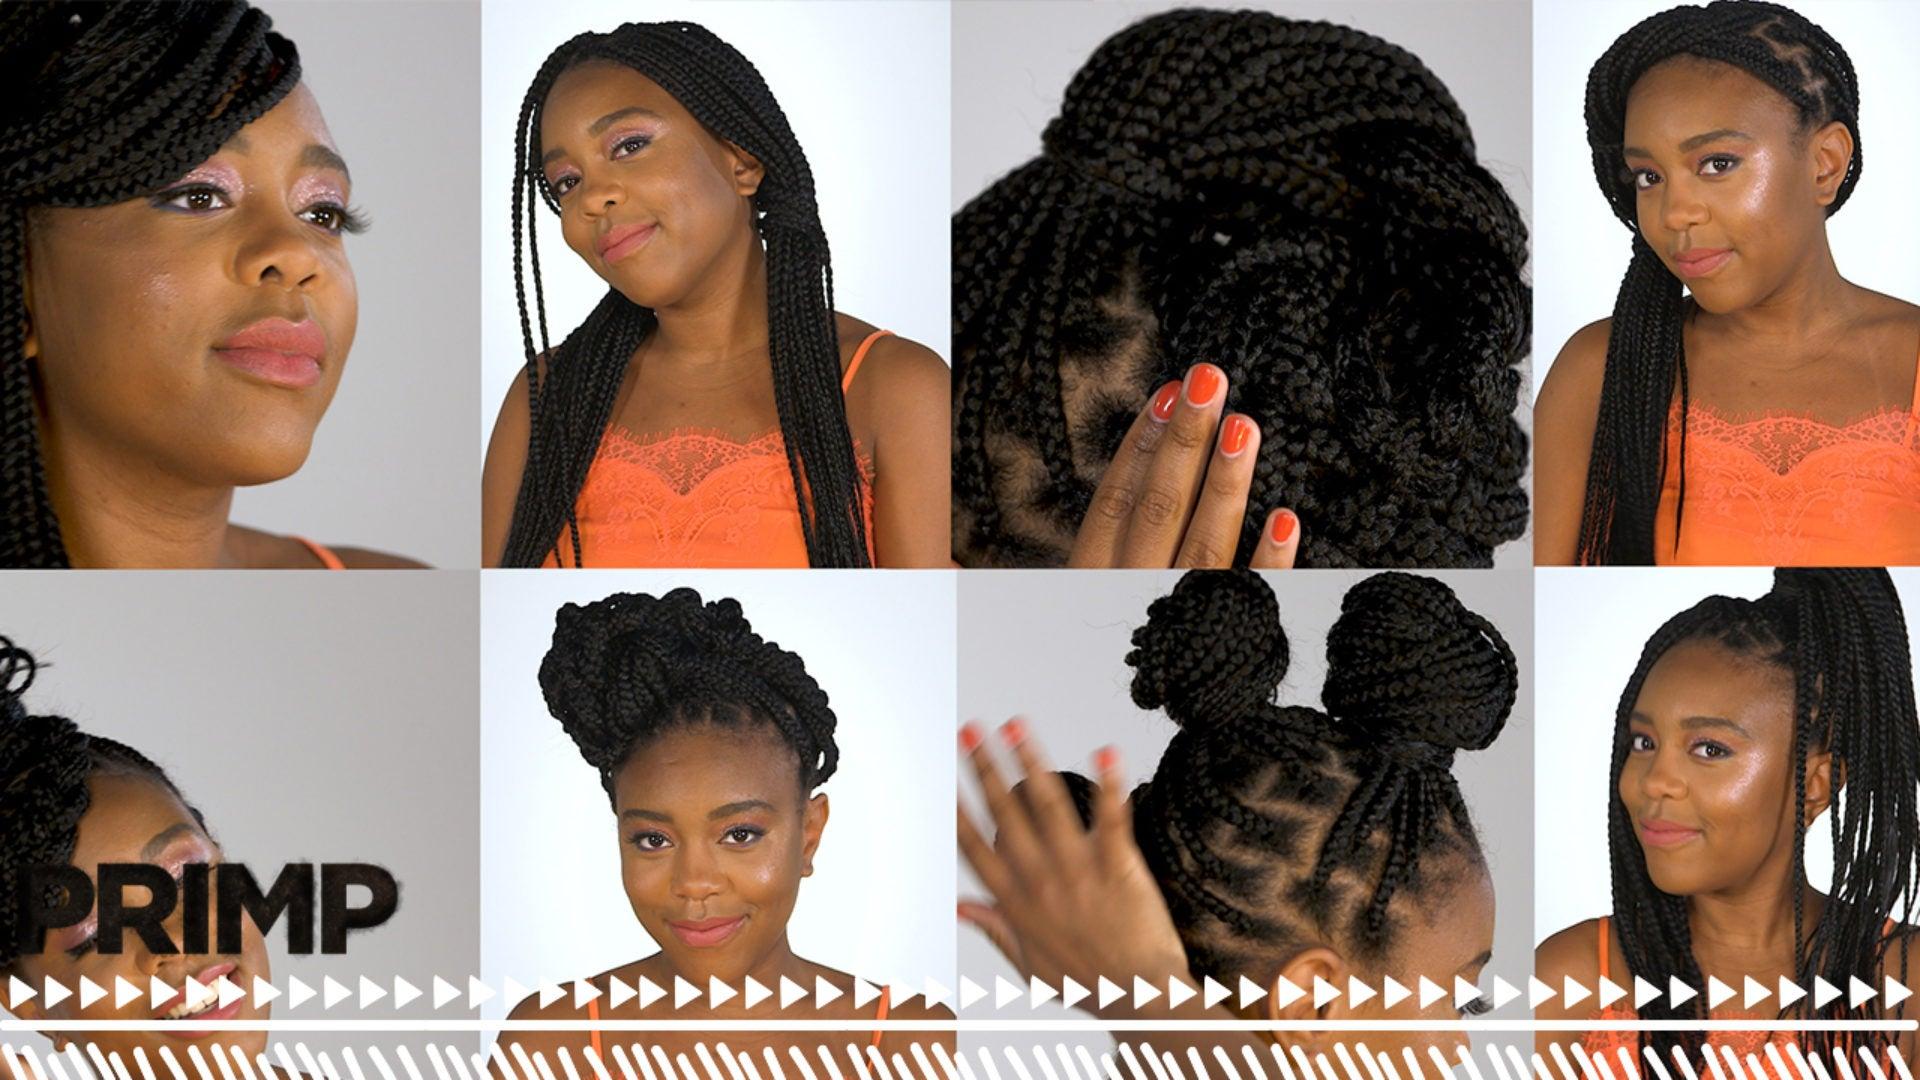 Watch \u0027PRIMP\u0027 Style Your Box Braids 18 Ways , Essence